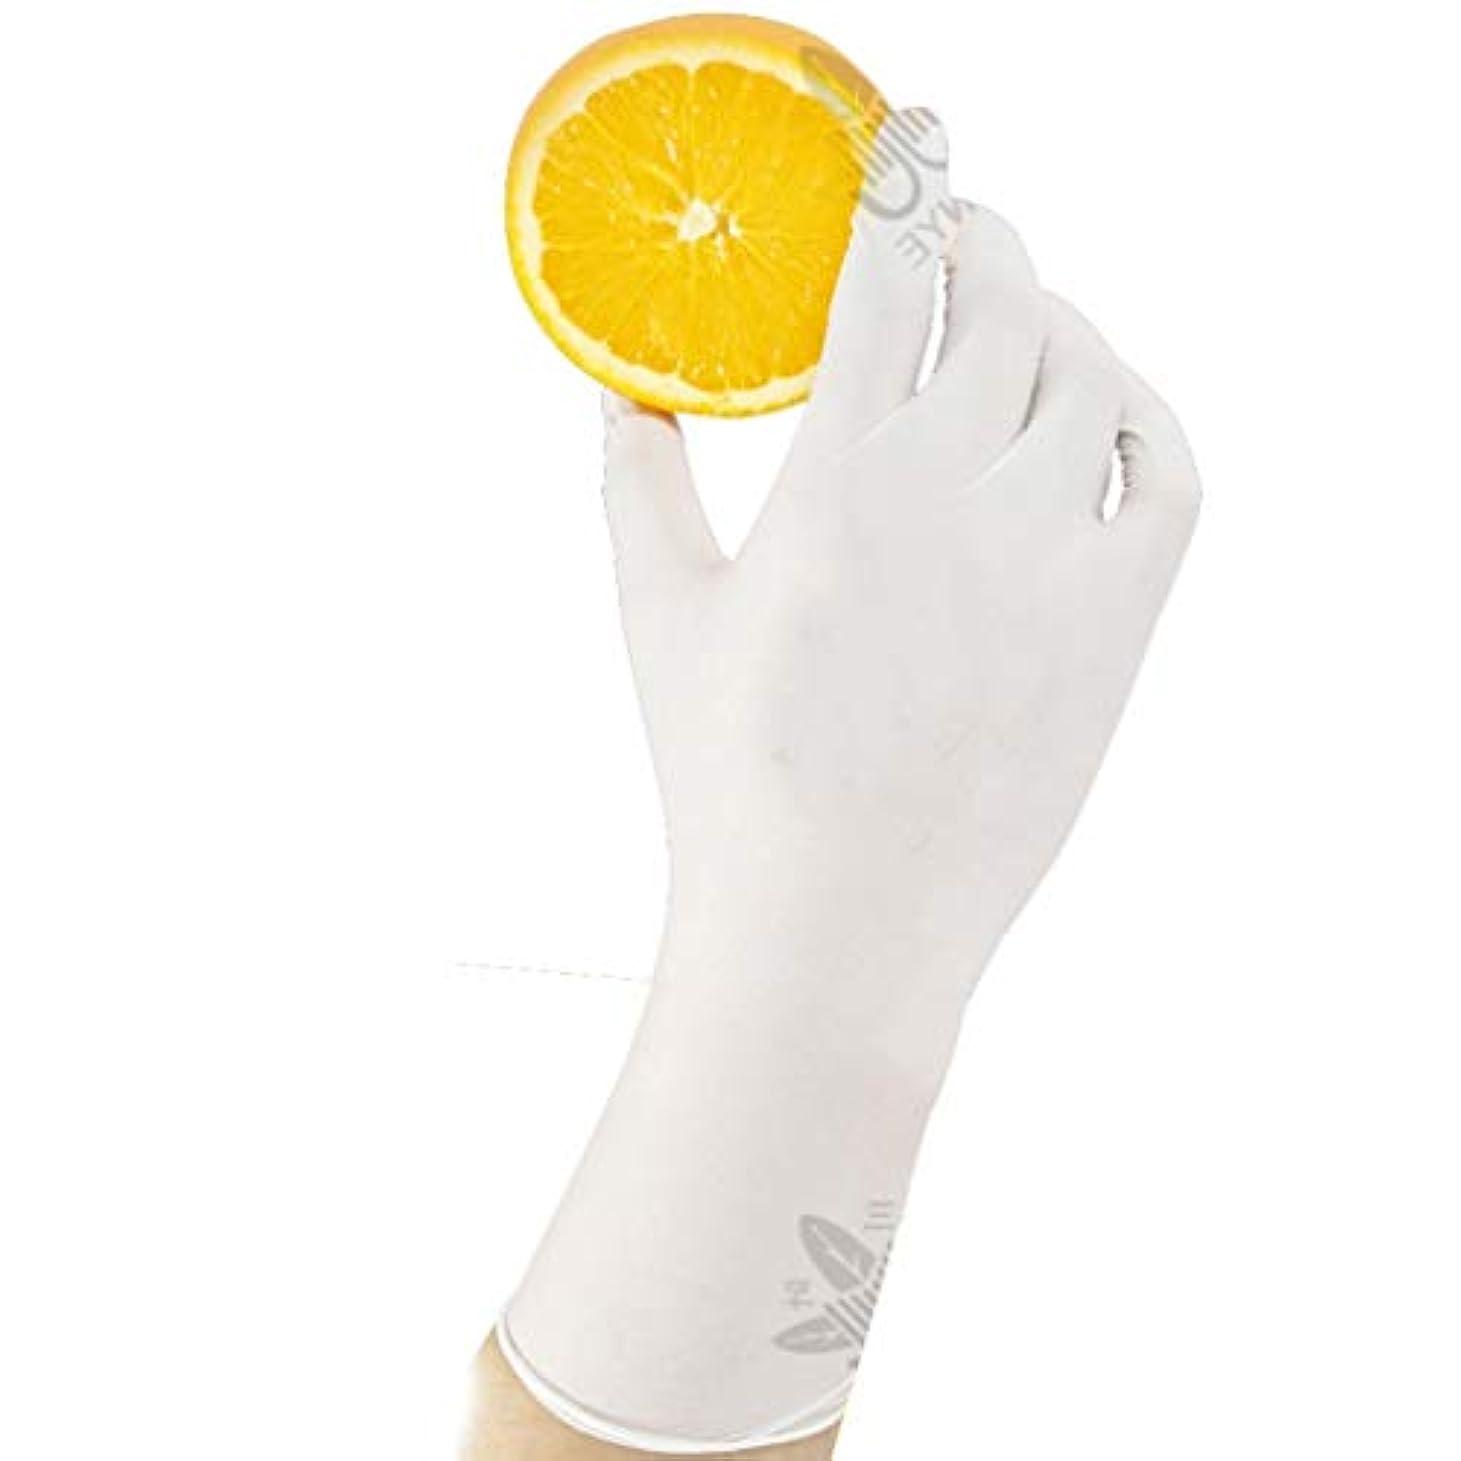 メディア造船死んでいるSafeguard Nitri Disposable Gloves、パウダーフリー、食品用グローブ、ラテックスフリー、50-100 Pc。ディスペンサーパック、xs-xlサイズ (版 ばん : 50PCS, サイズ さいず...